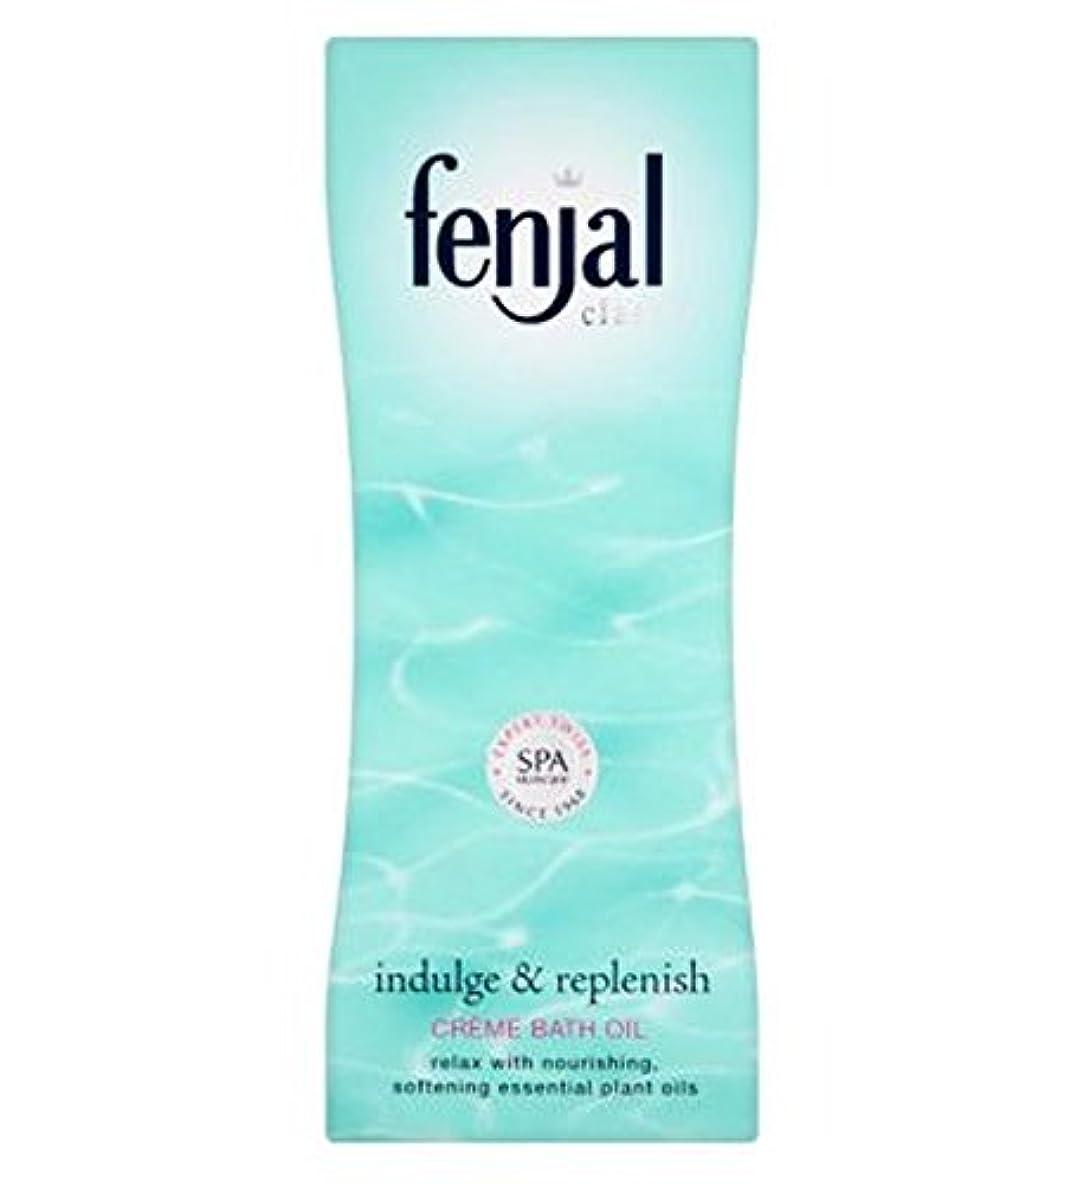 申請者ぴったり周術期Fenjal古典的な高級クリームバスオイル (Fenjal) (x2) - Fenjal Classic Luxury Creme Bath Oil (Pack of 2) [並行輸入品]